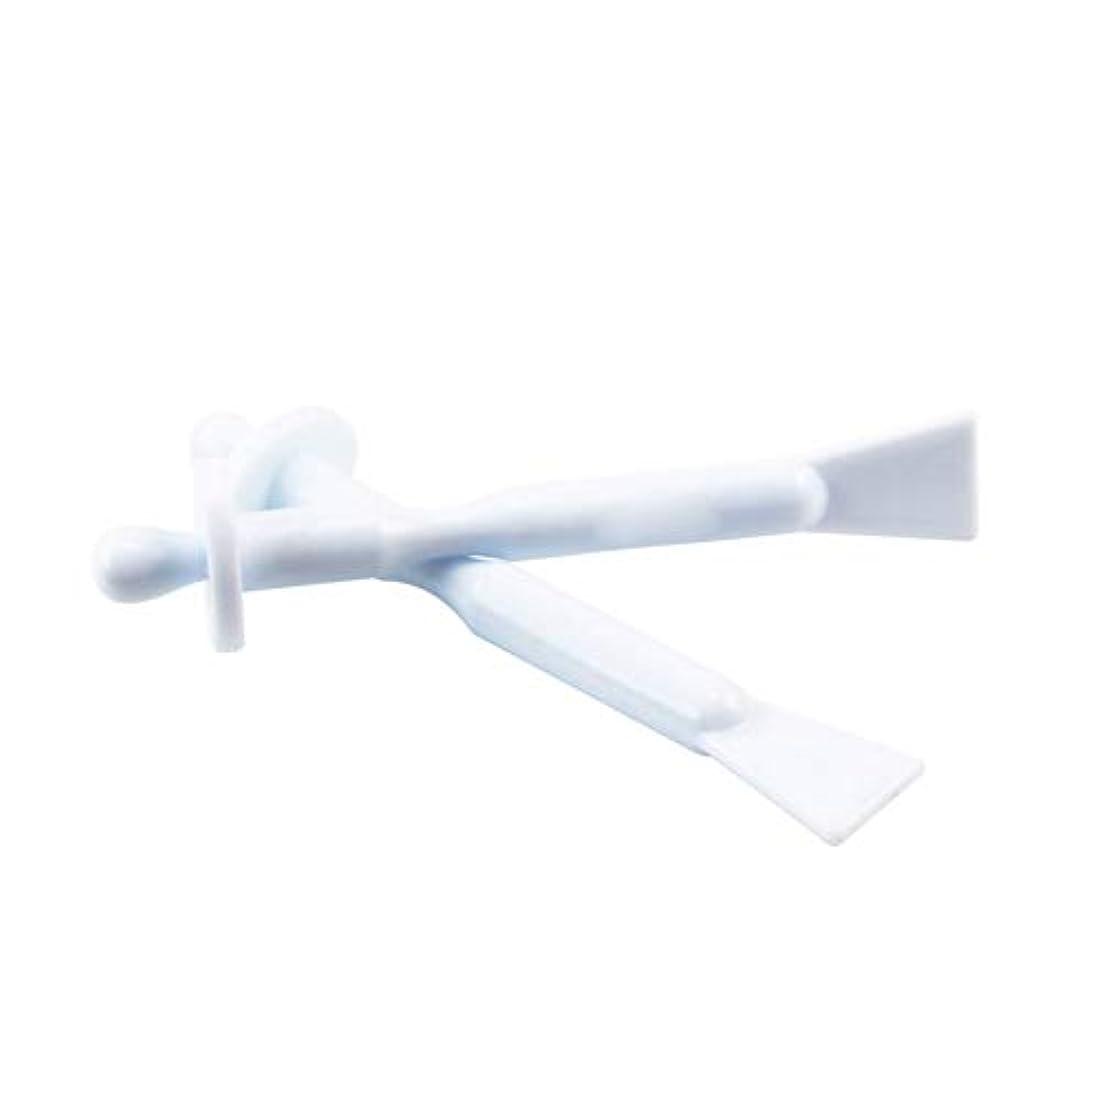 勉強する評価可能条約鼻ワックススティック2in1の除去ワックスツールノーズ部4の清掃へらポータブルバー鼻鼻孔耳の毛をワックスアプリケータースティック